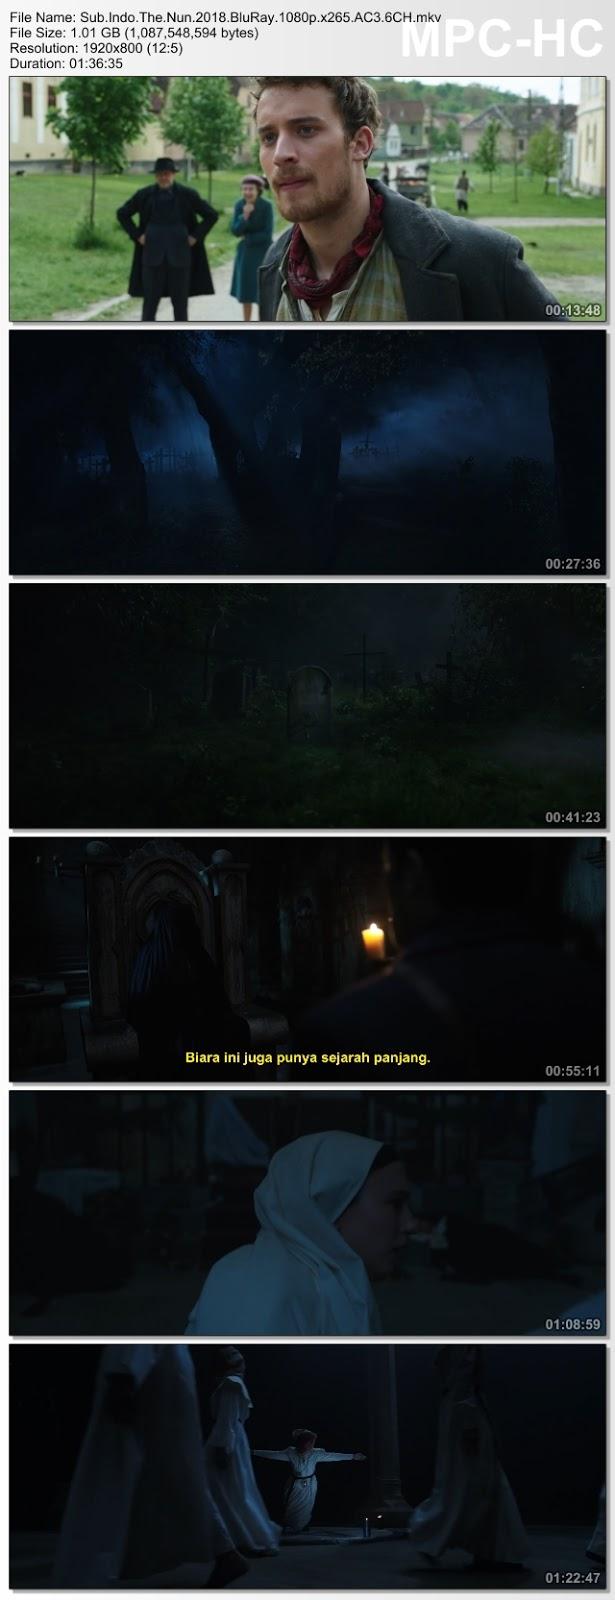 Screenshots Download Calugarita: Misterul de la manastire (2018) BluRay 480p & 3GP Subtitle Indonesia